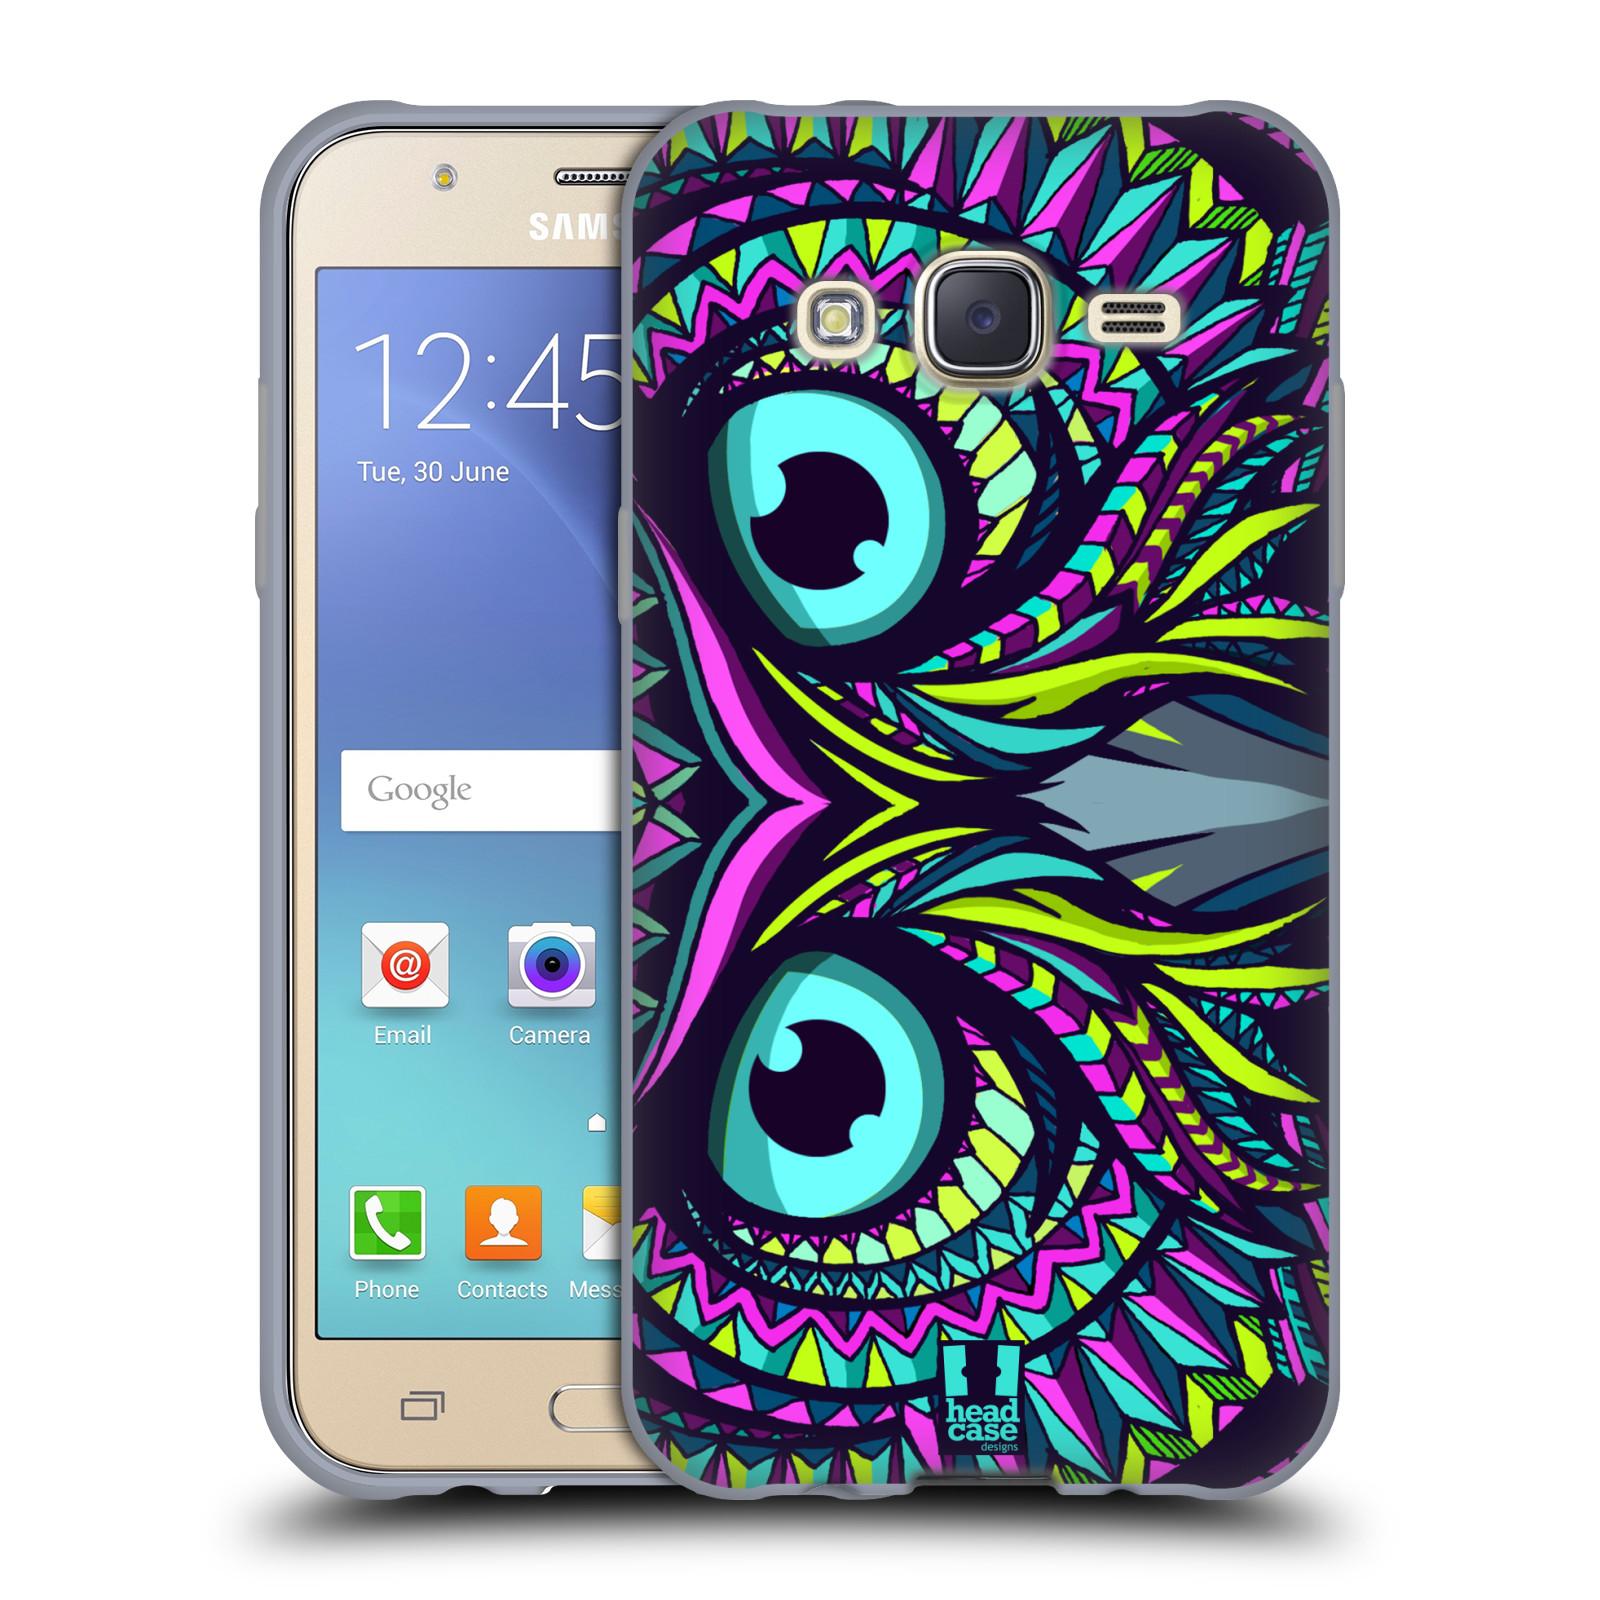 HEAD CASE silikonový obal na mobil Samsung Galaxy J5, J500, (J5 DUOS) vzor Aztécký motiv zvíře sova